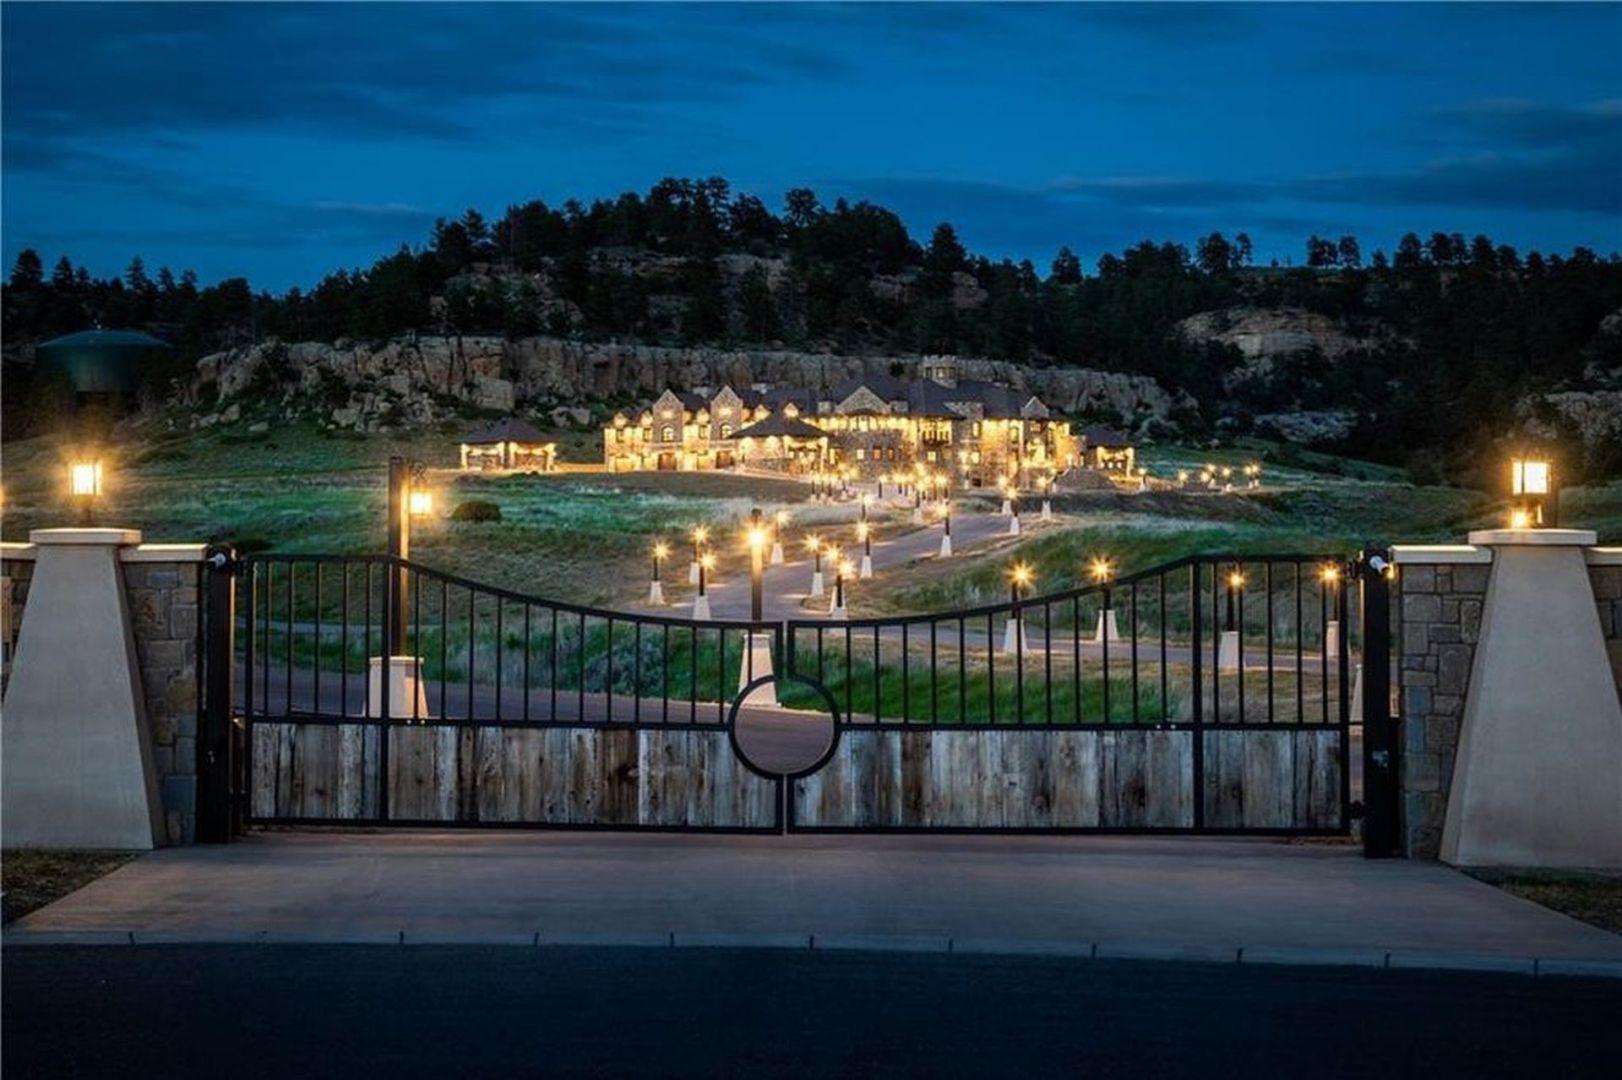 Posiadłość ma powierzchnię 31 tys. m2. Źródło: Top Ten Real Estate Deals. Zdjęcia: Engel & Volkers